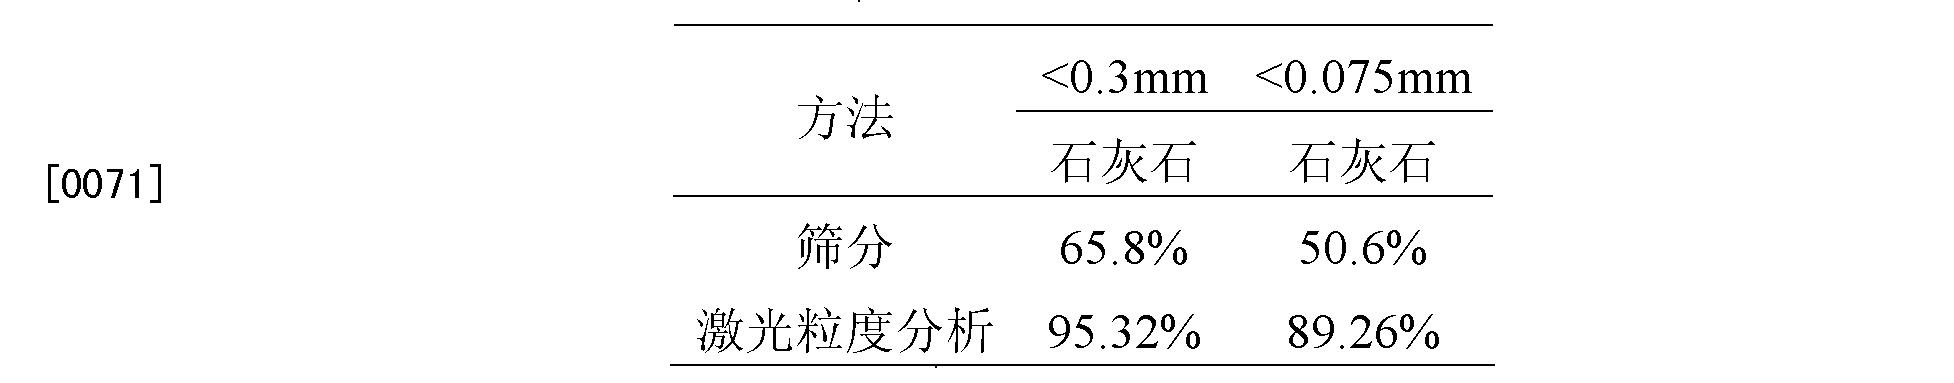 Figure CN102584118BD00084